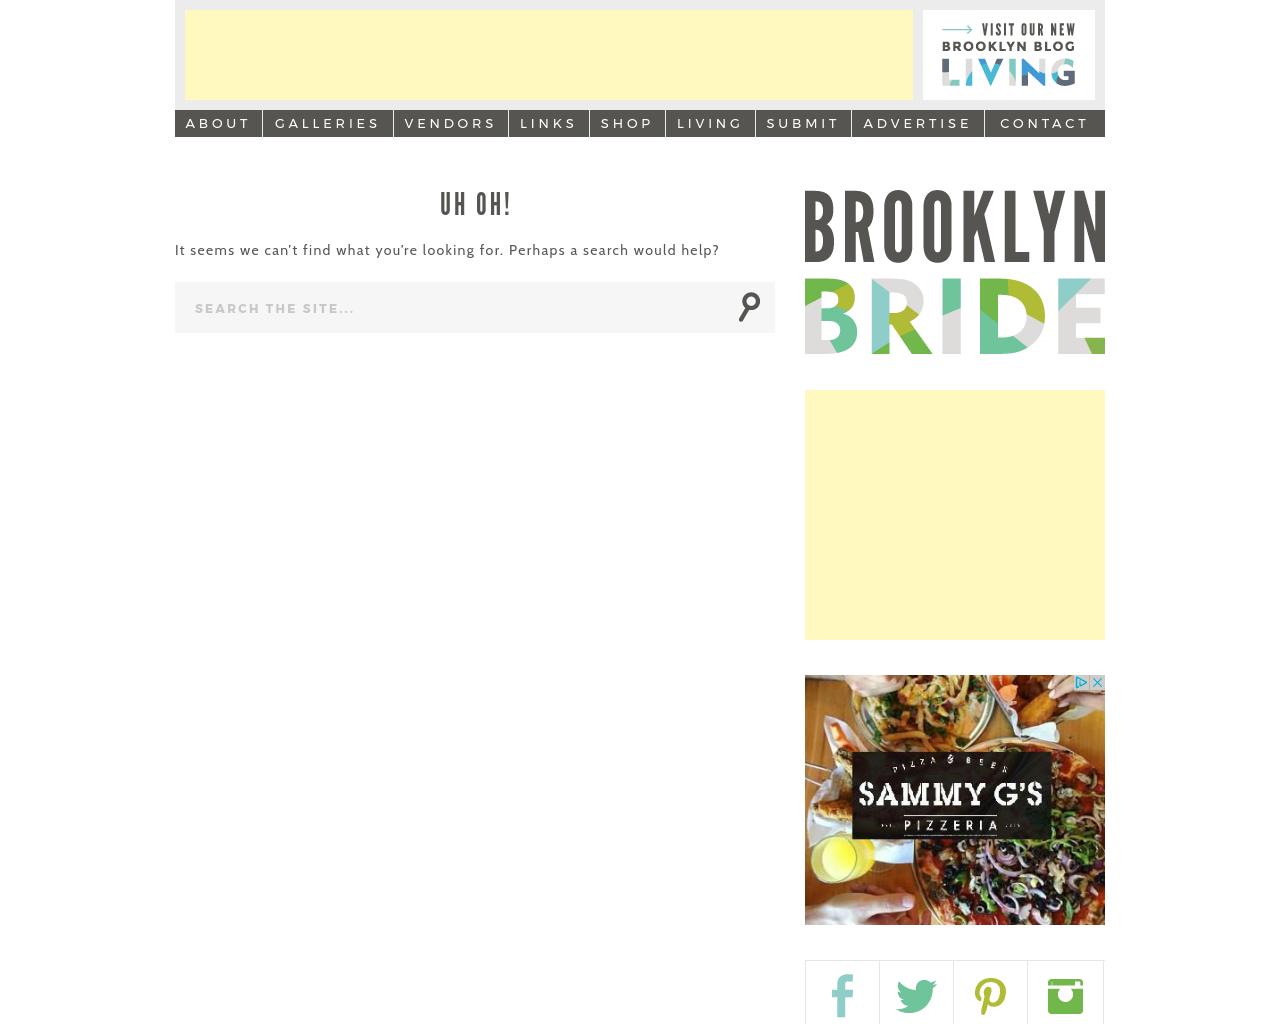 Brooklyn-Bride-Advertising-Reviews-Pricing